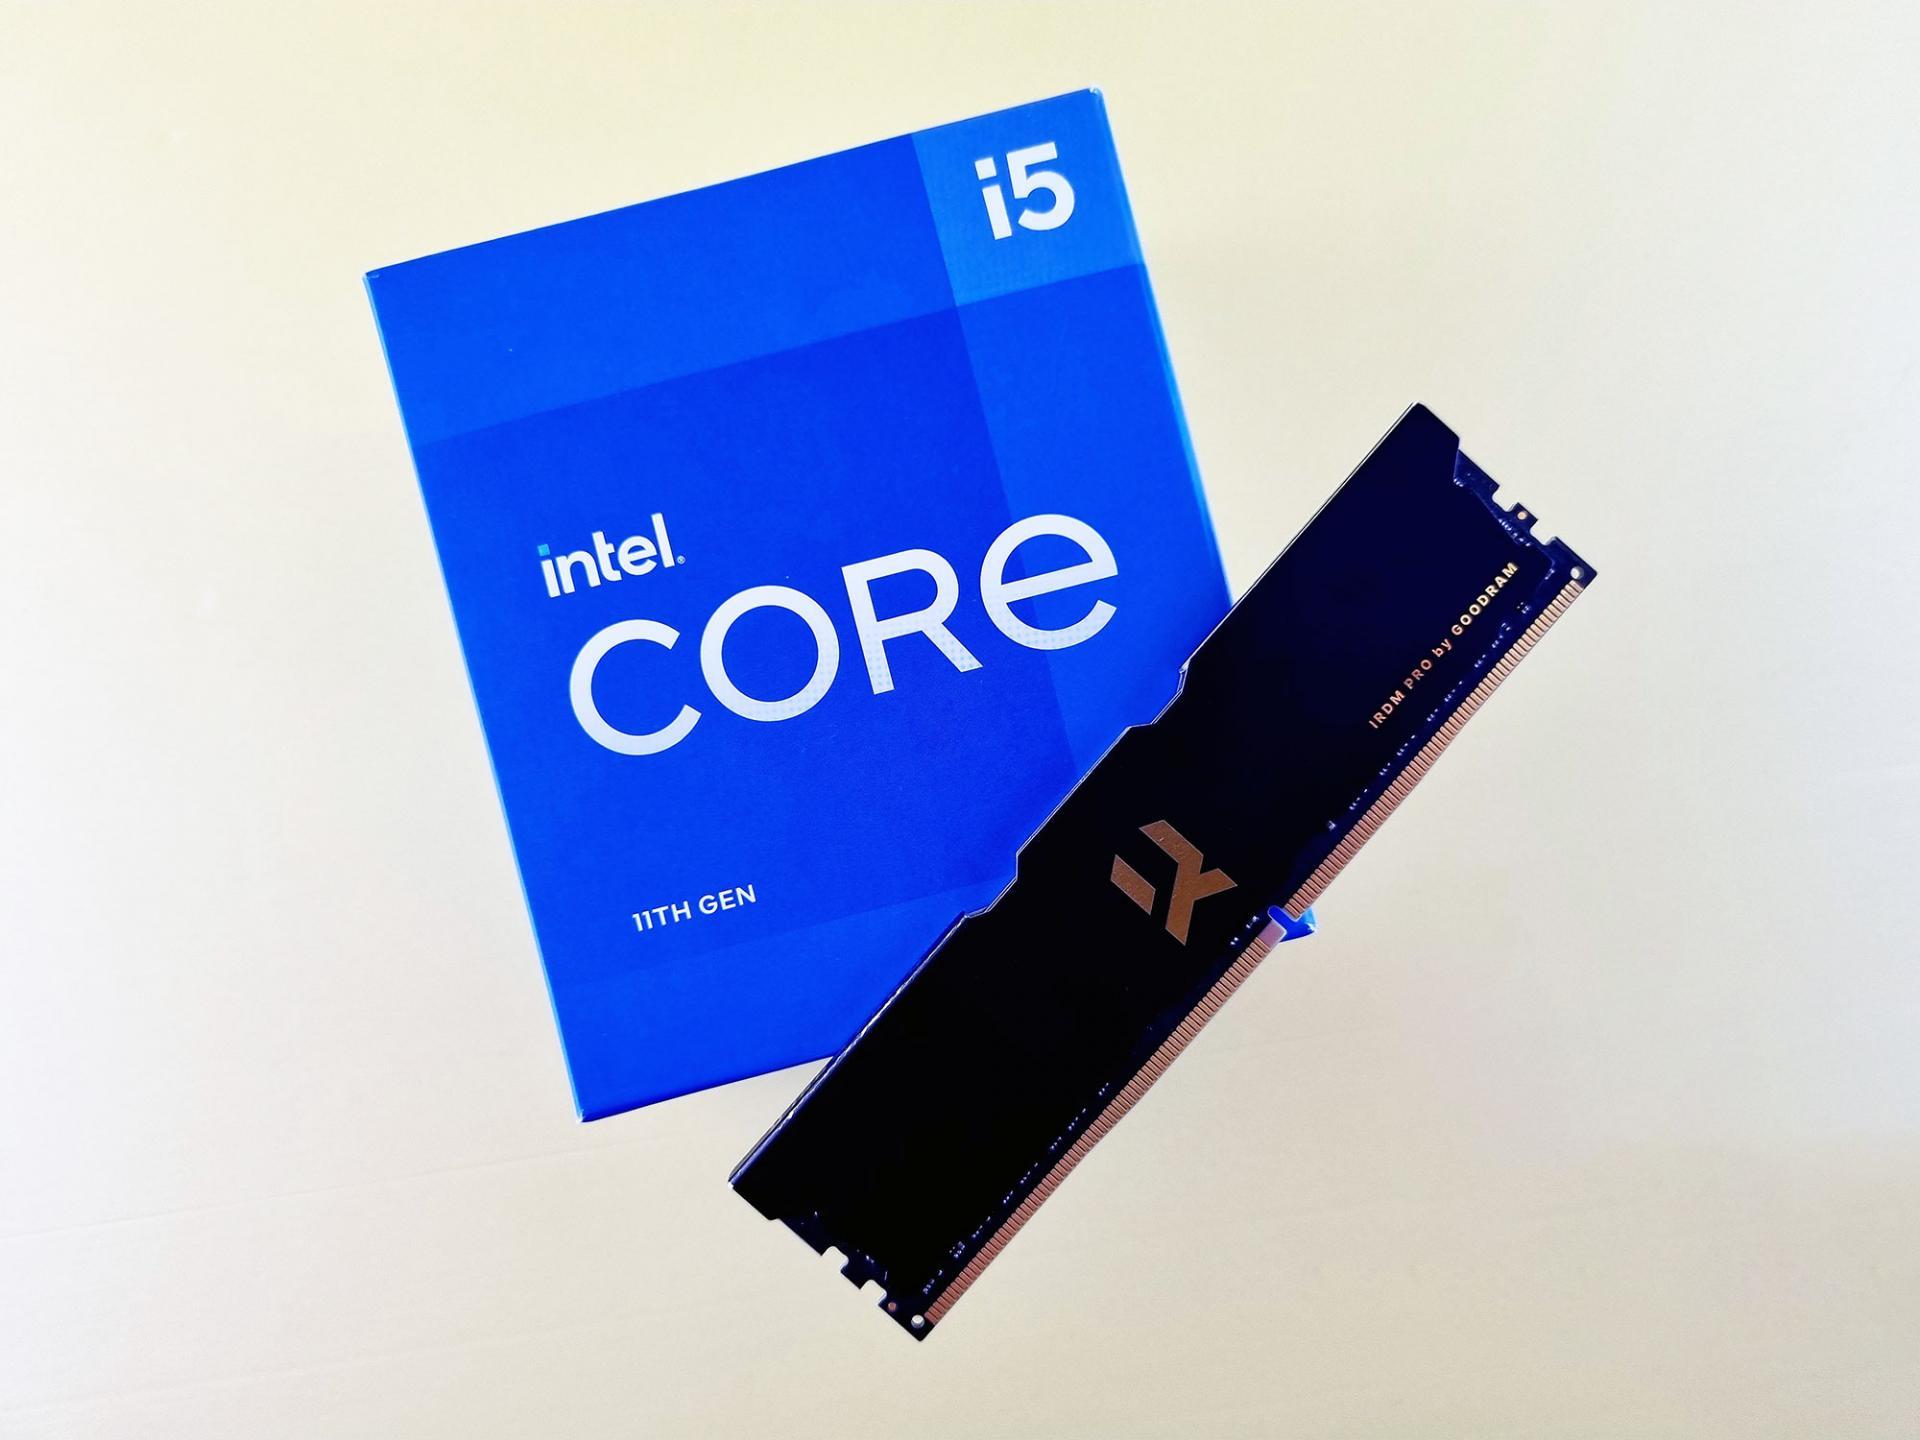 Прокачали память с 3600 МГц 16 Гб до 4000 МГц 32 Гб для Intel i9-10900. Есть ли смысл?